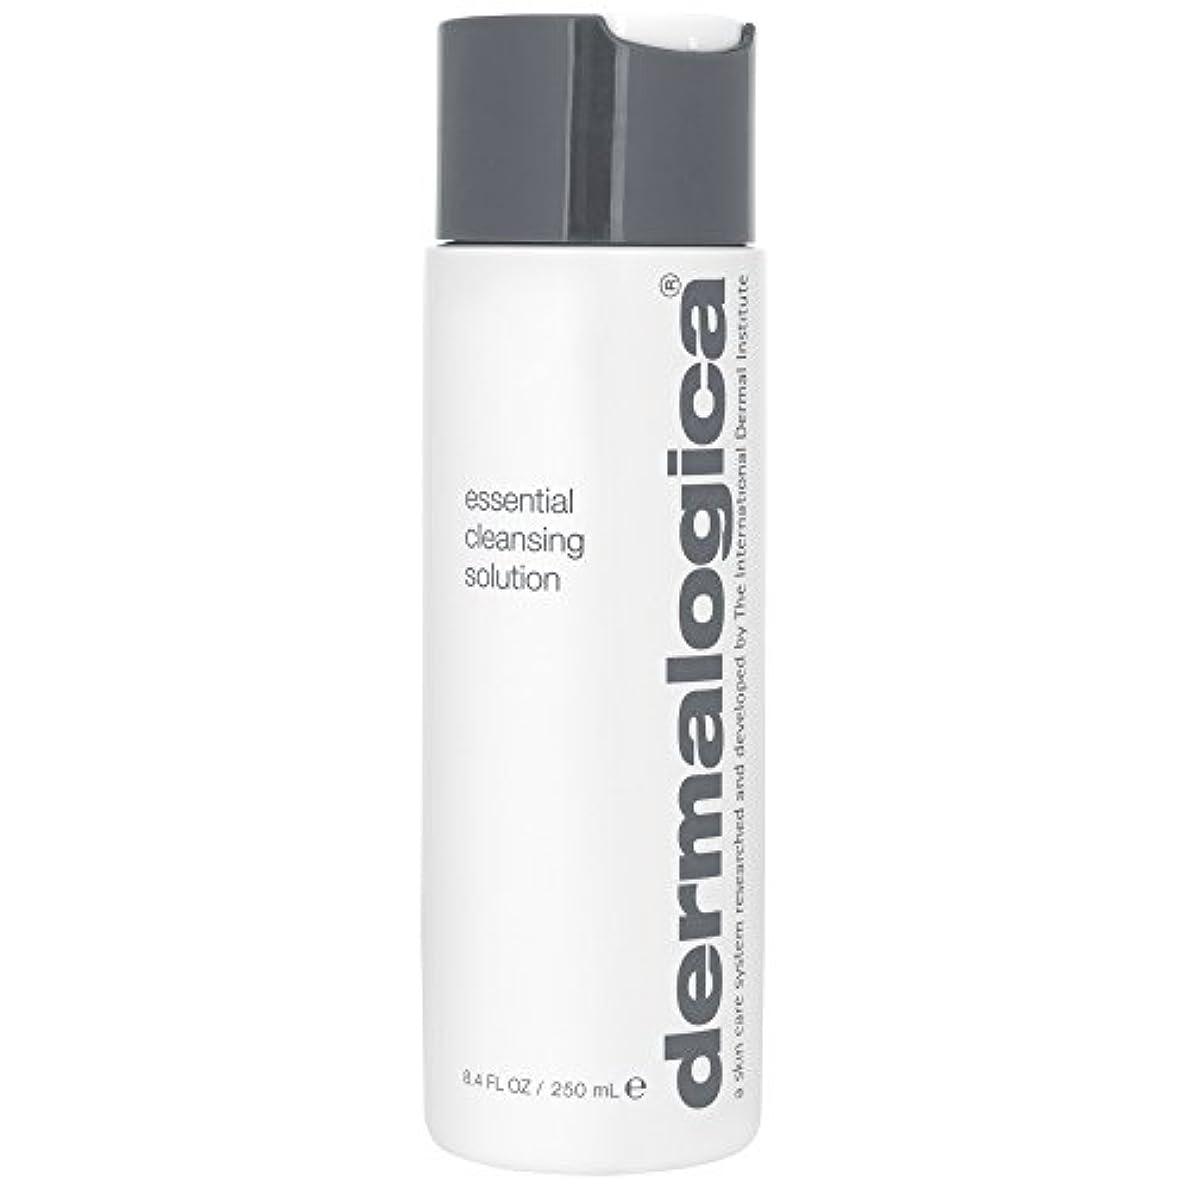 ダーマロジカ不可欠な洗浄液の250ミリリットル (Dermalogica) (x2) - Dermalogica Essential Cleansing Solution 250ml (Pack of 2) [並行輸入品]